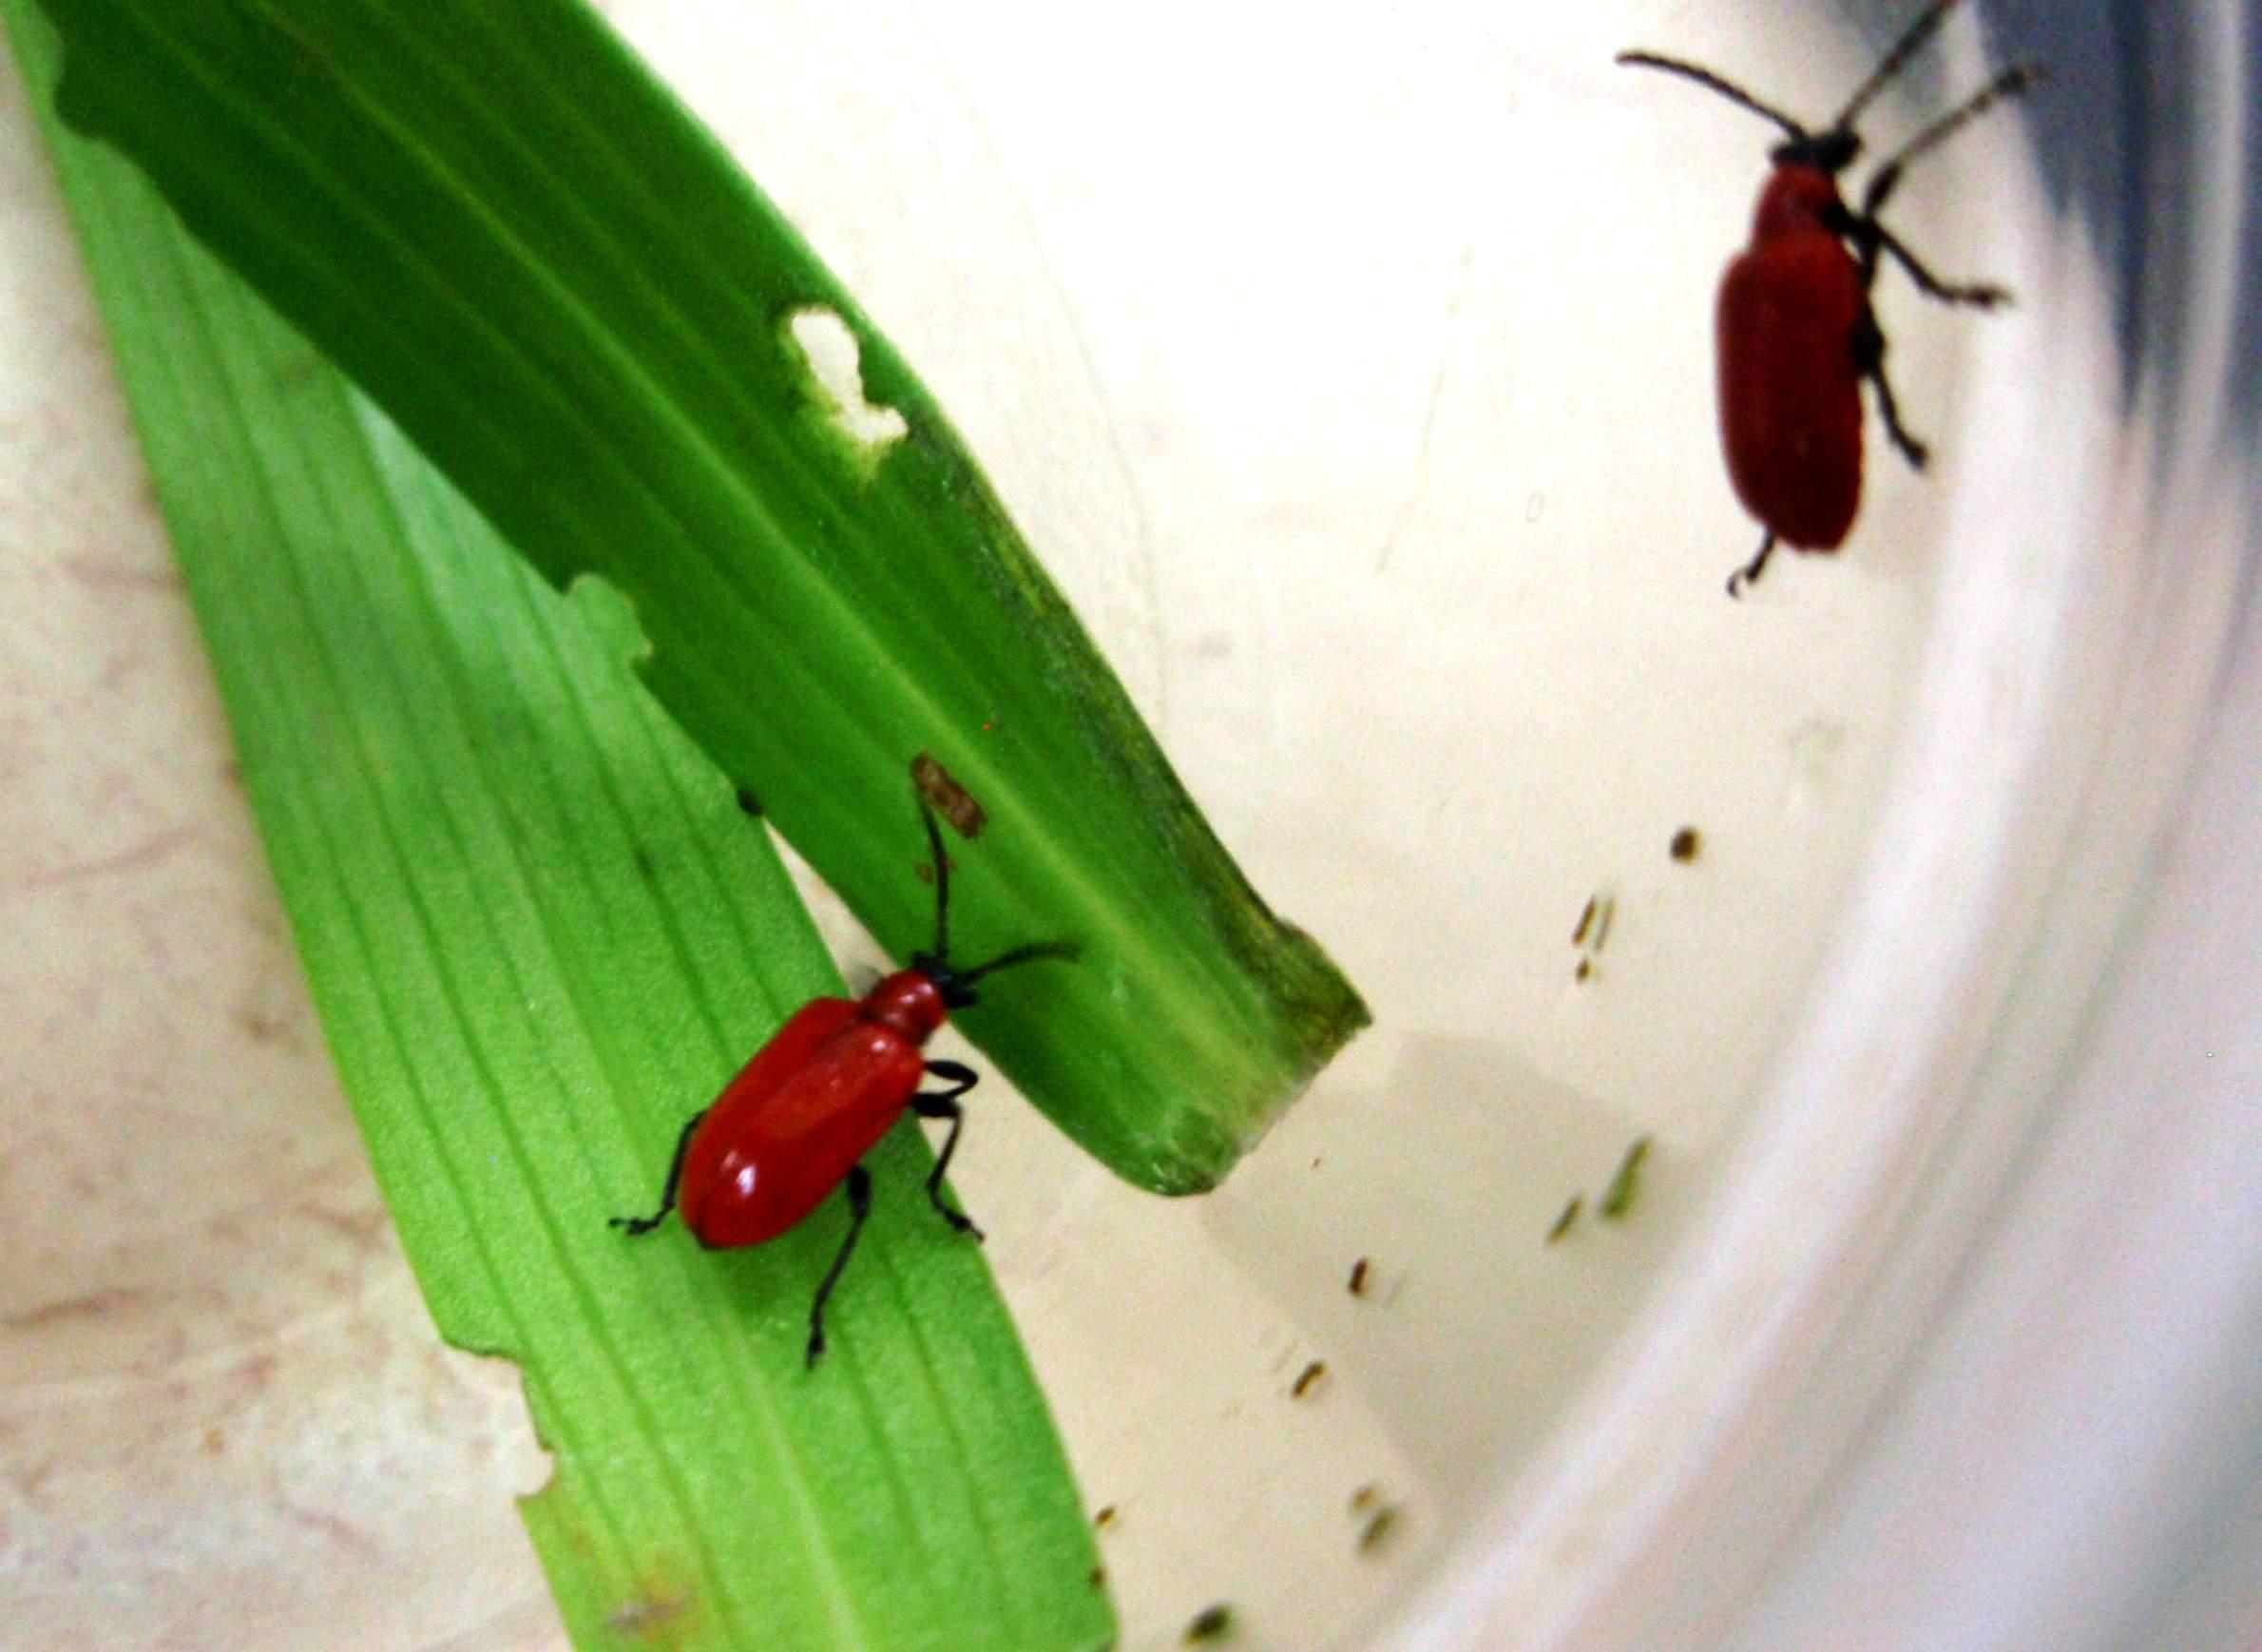 Adult lily leaf beetles